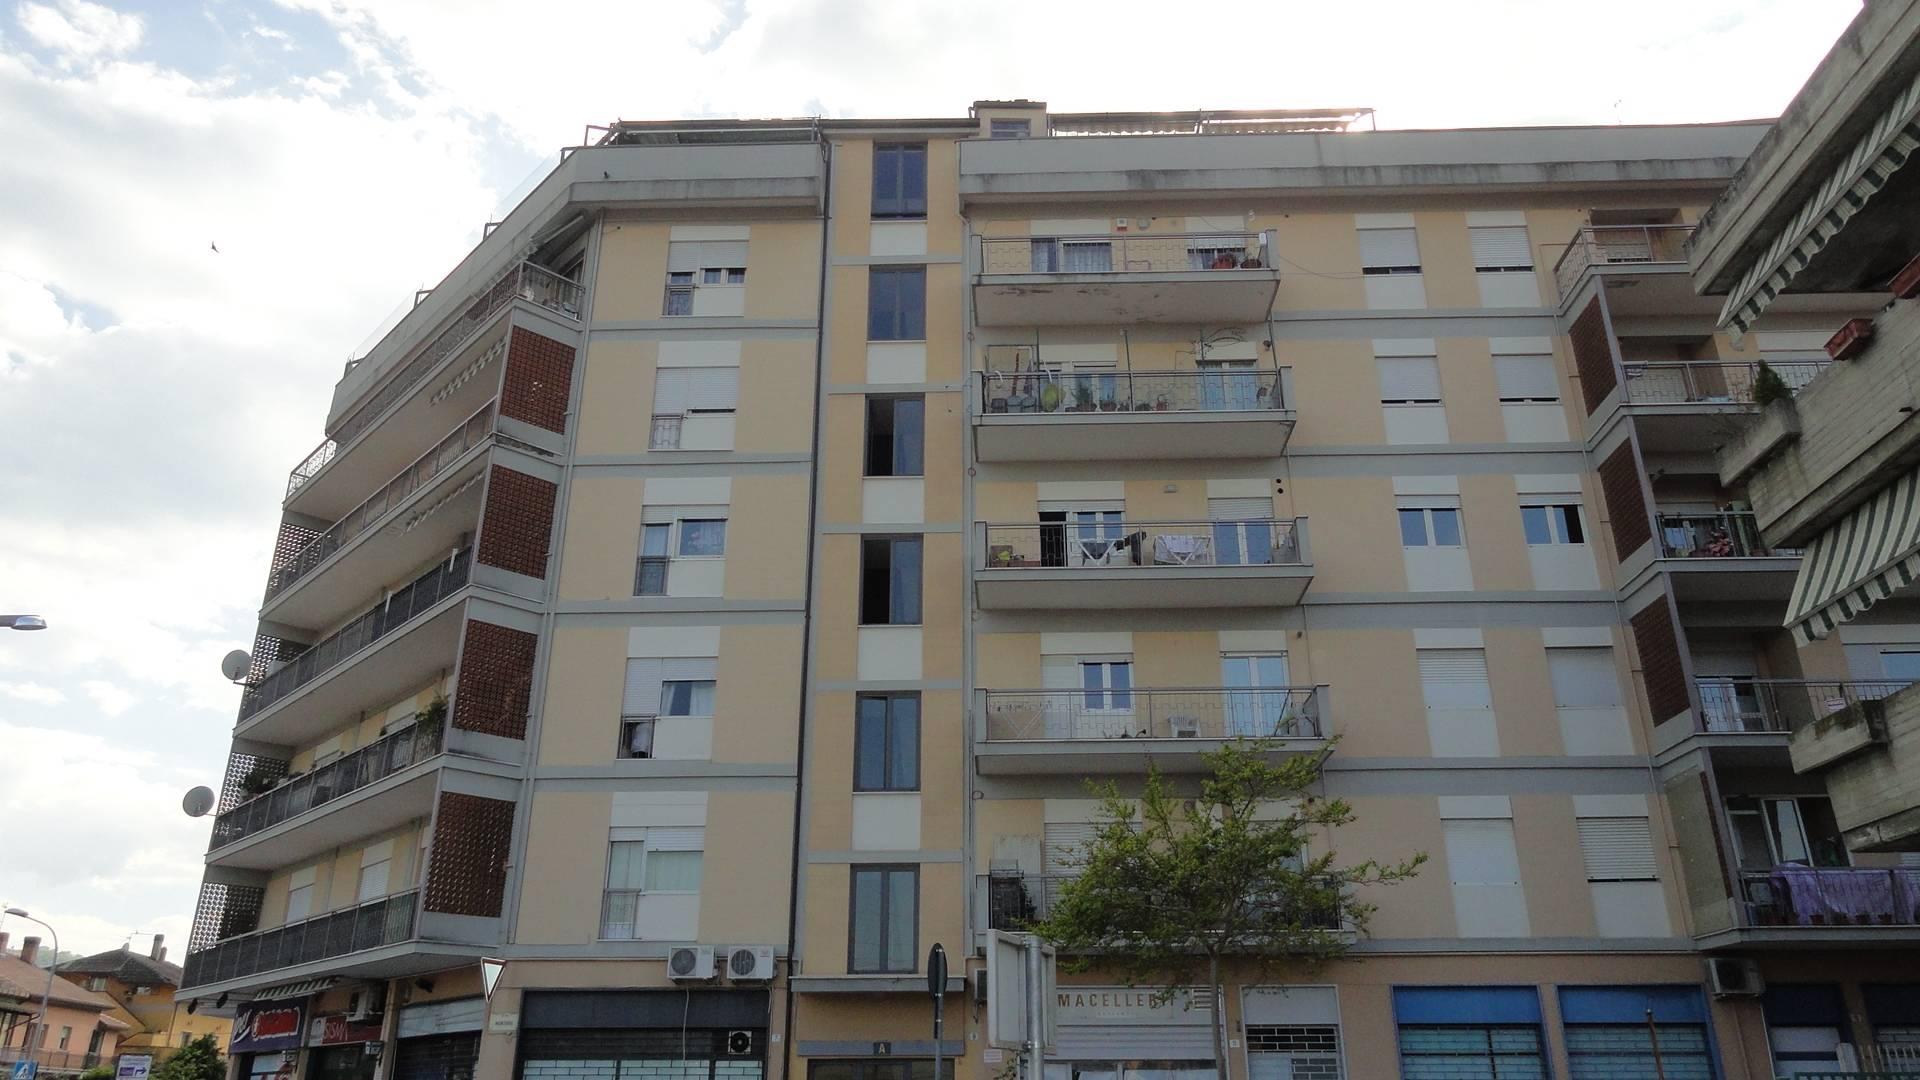 Attico / Mansarda in affitto a Teramo, 6 locali, zona Località: ViaCona, prezzo € 480   CambioCasa.it